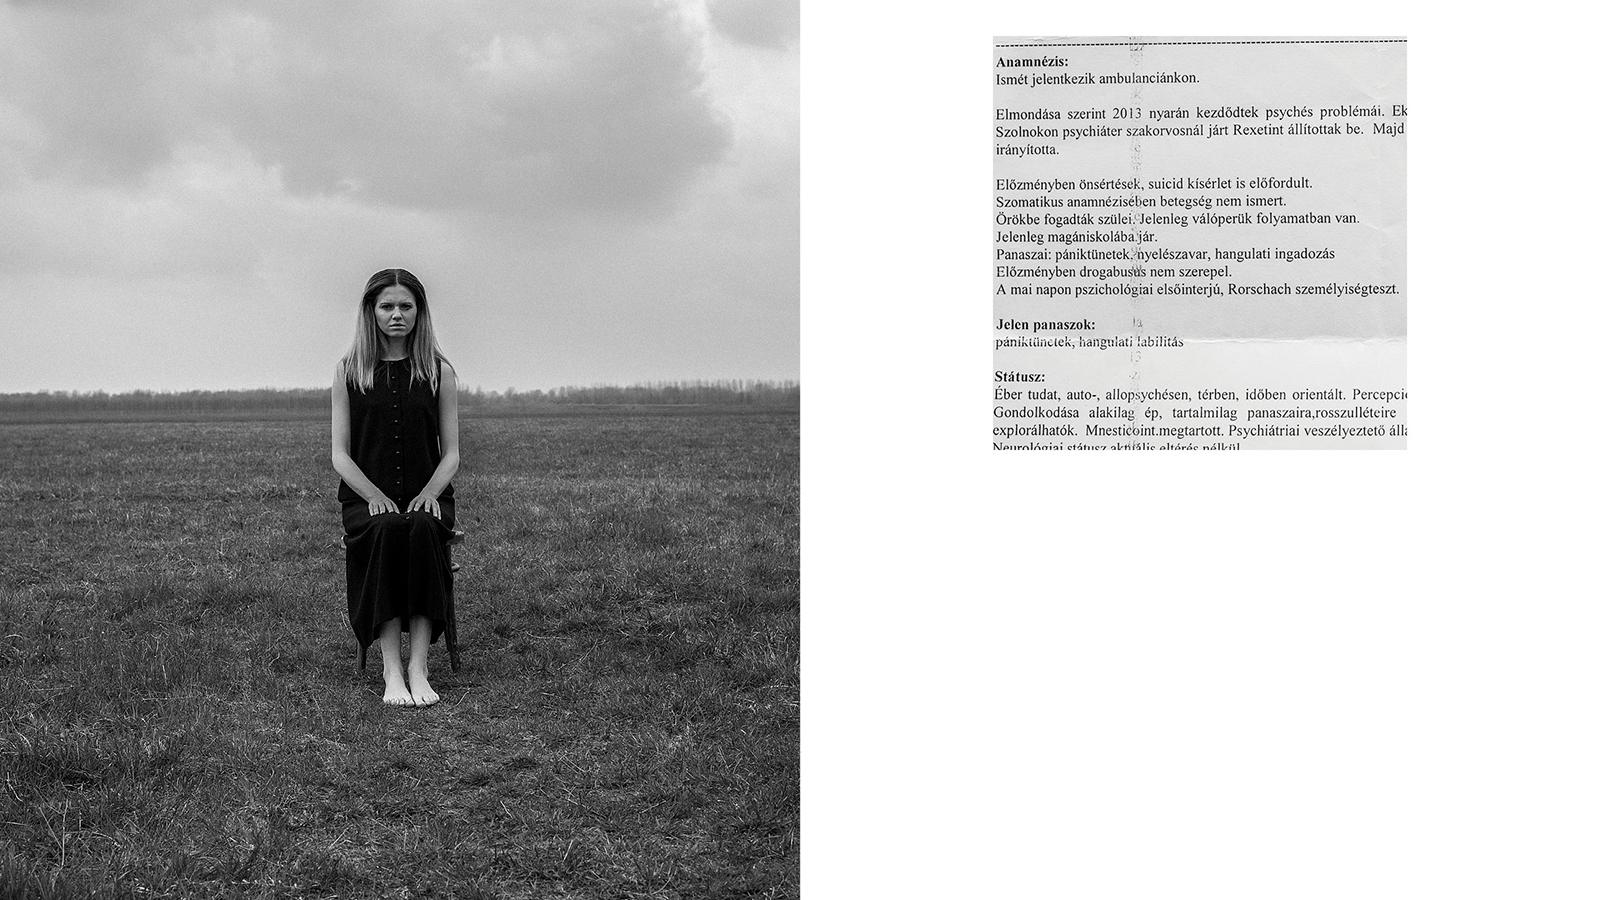 hellodesign-kedveskatalin-depresszio-07.jpg